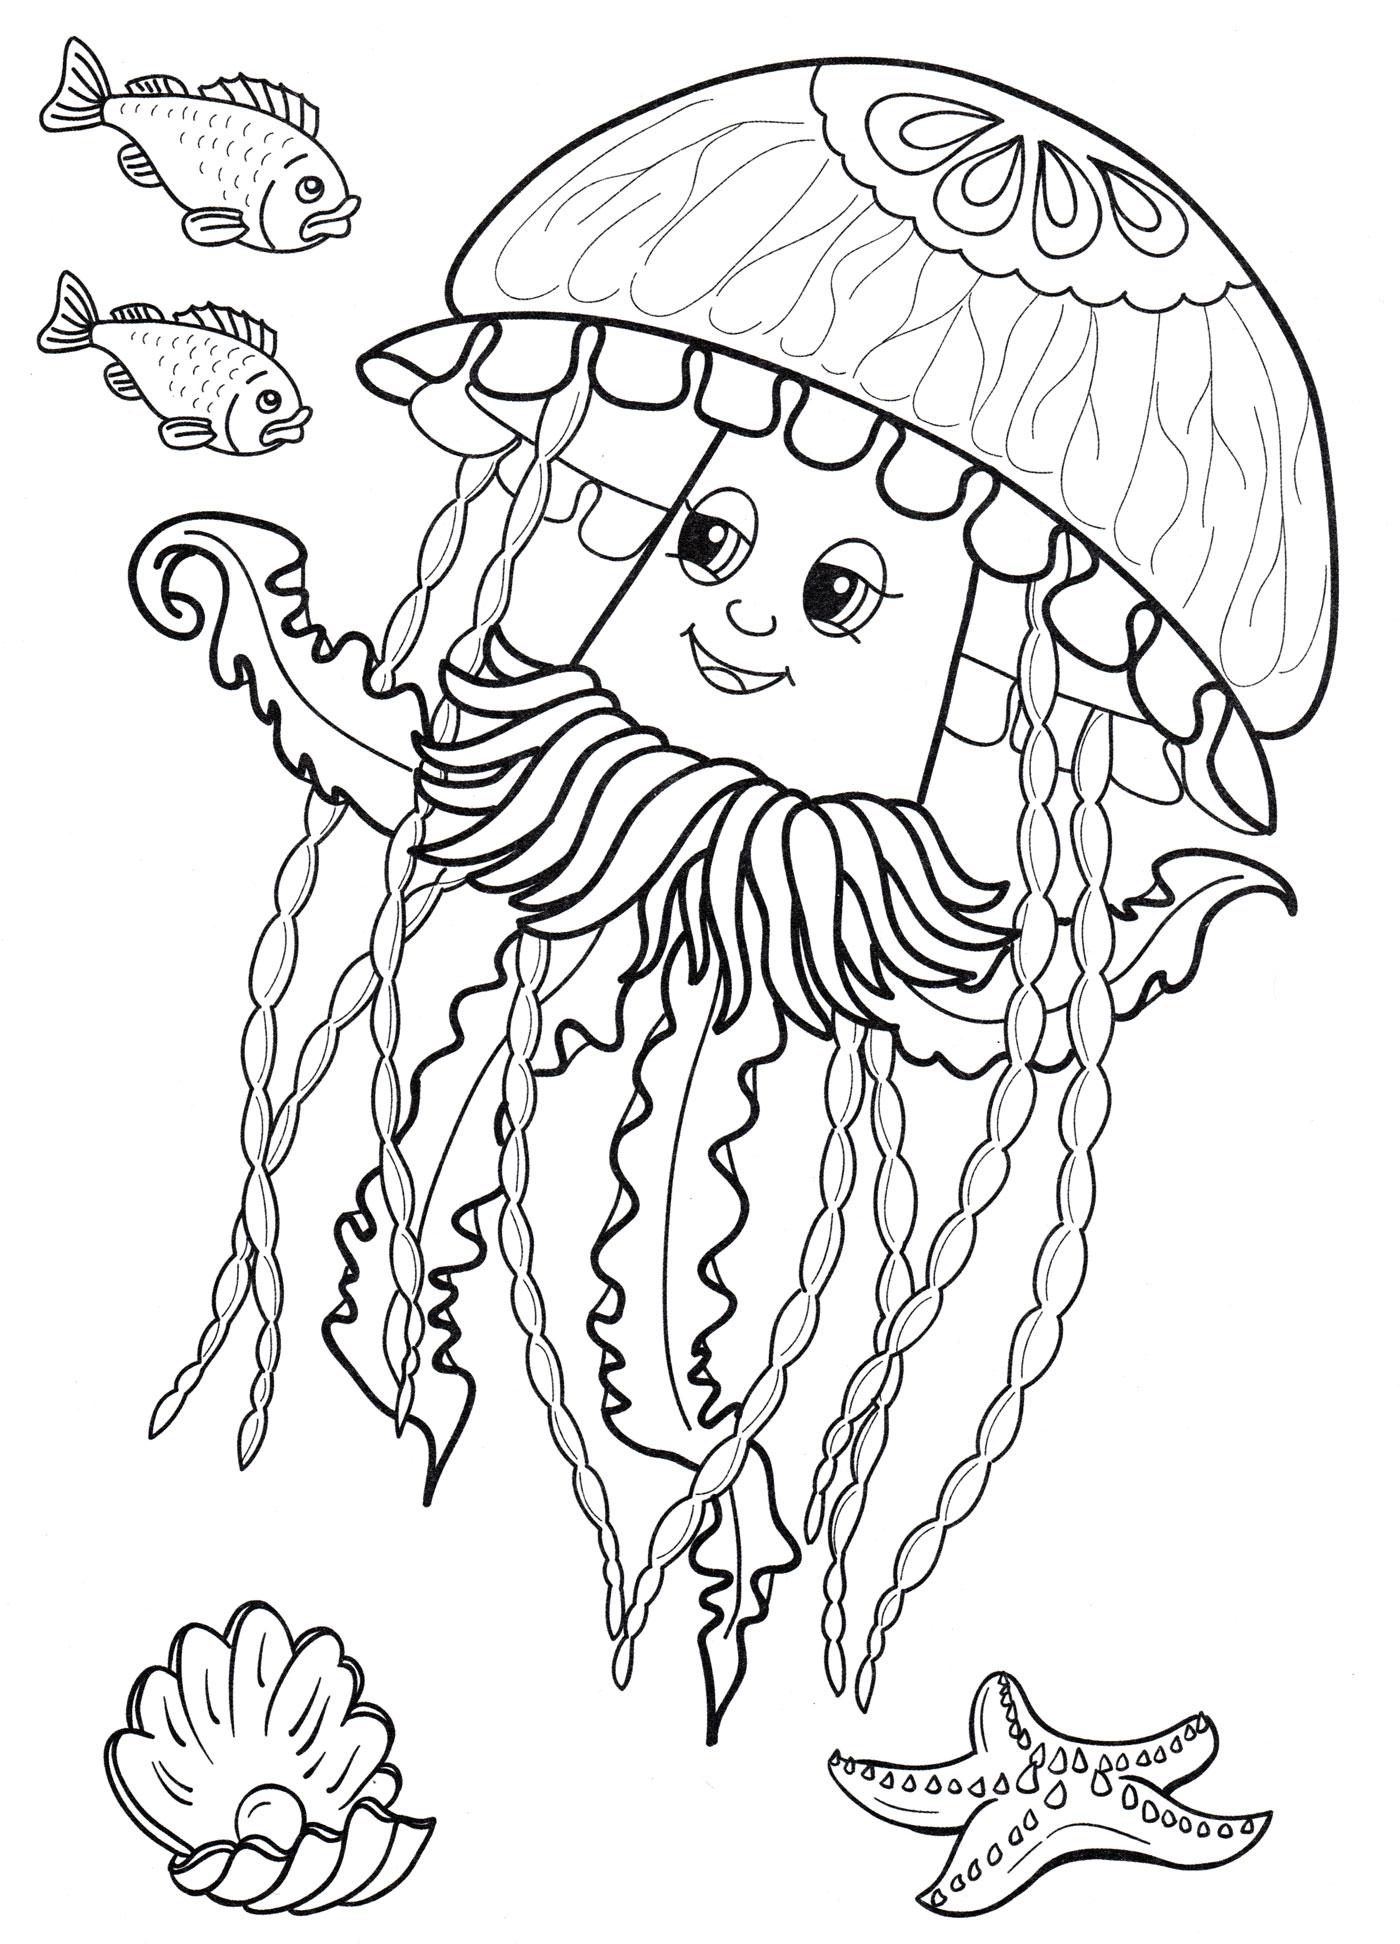 Раскраска Медуза плавает в море - распечатать бесплатно